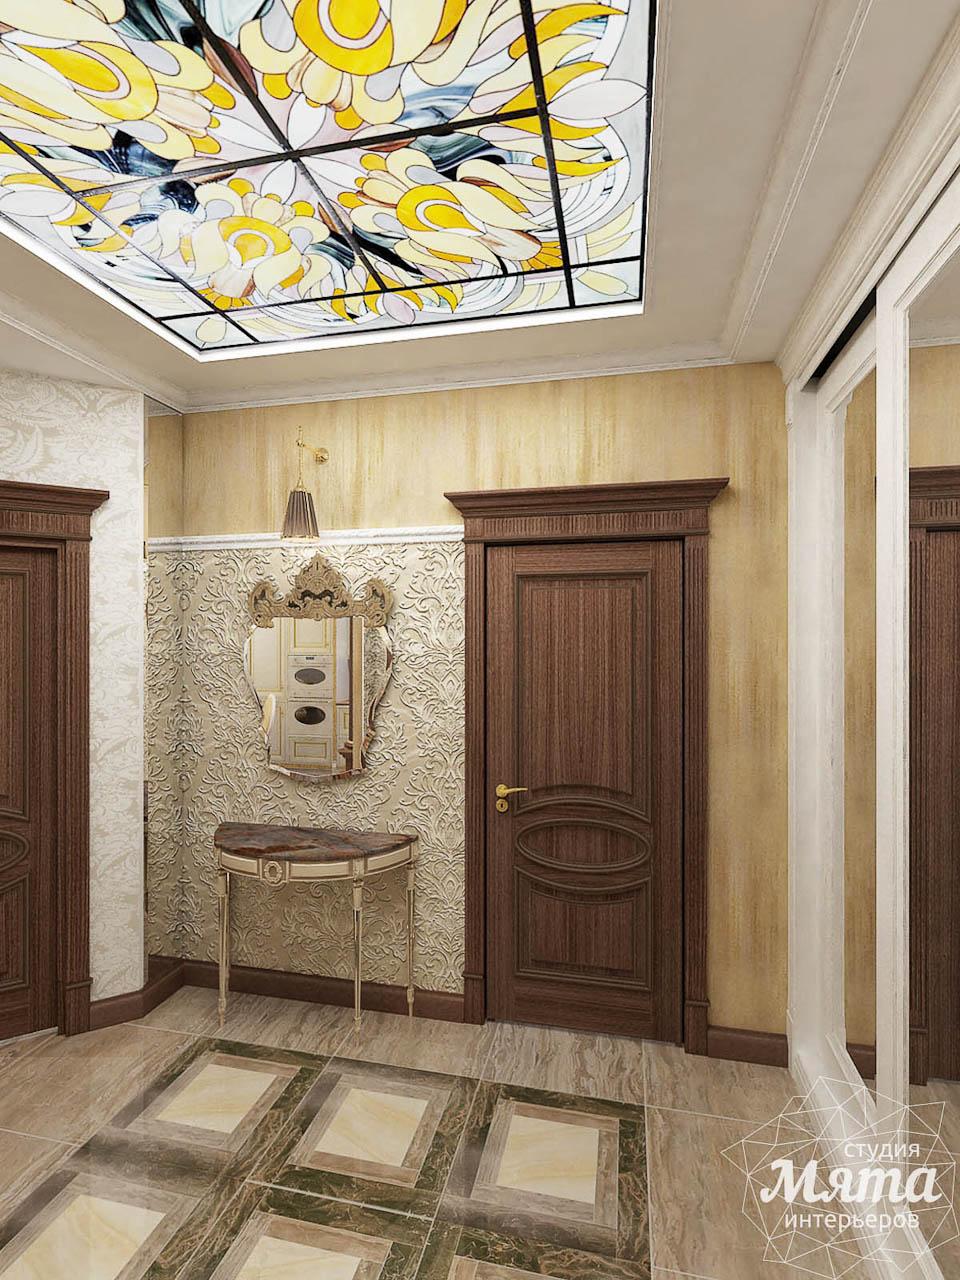 Дизайн интерьера двухкомнатной квартиры по ул. Мельникова 38 img469884772